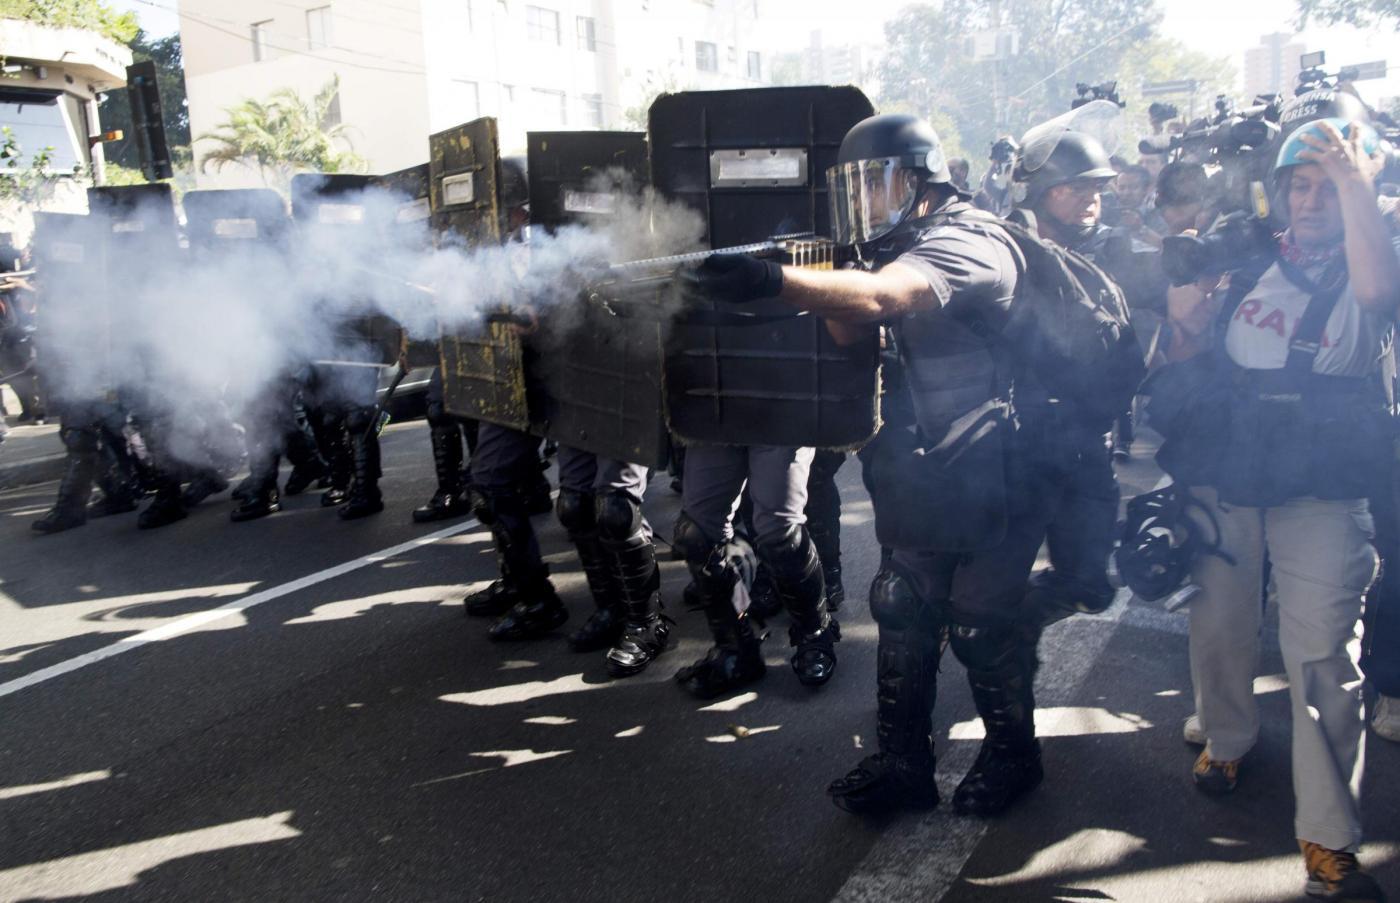 Mondiali Brasile 2014: OccupyWorldCup e Anonymous attaccano la Coppa del mondo